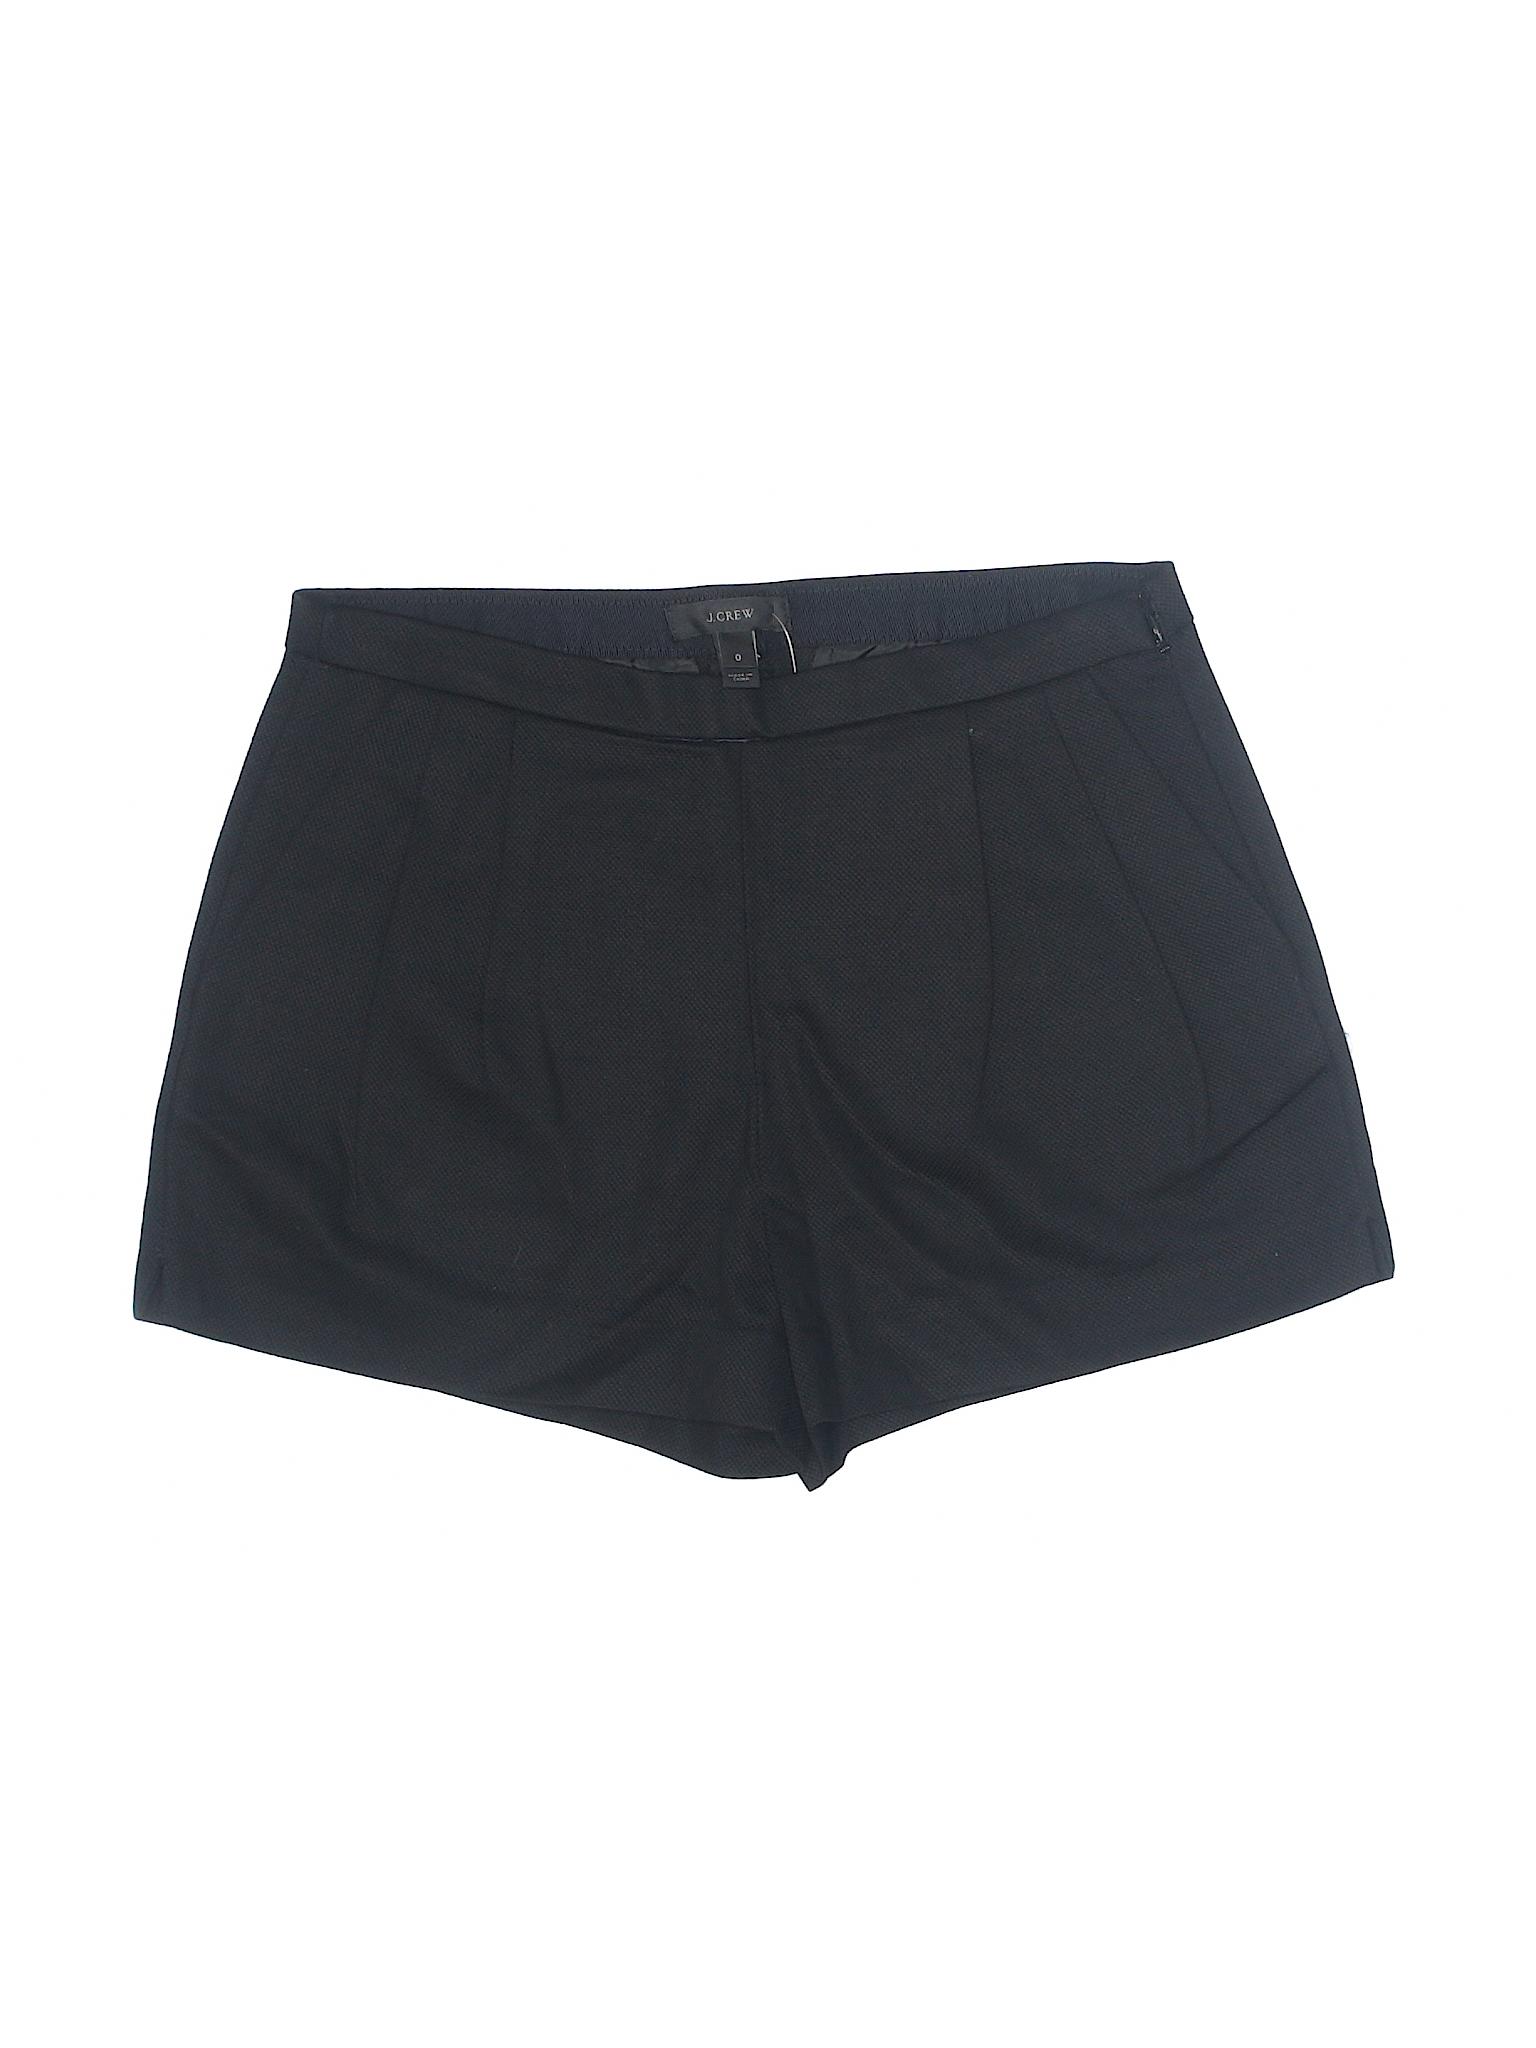 J Boutique Boutique Dressy Crew J Crew Boutique Shorts Shorts Dressy J 4TWwHpA0q